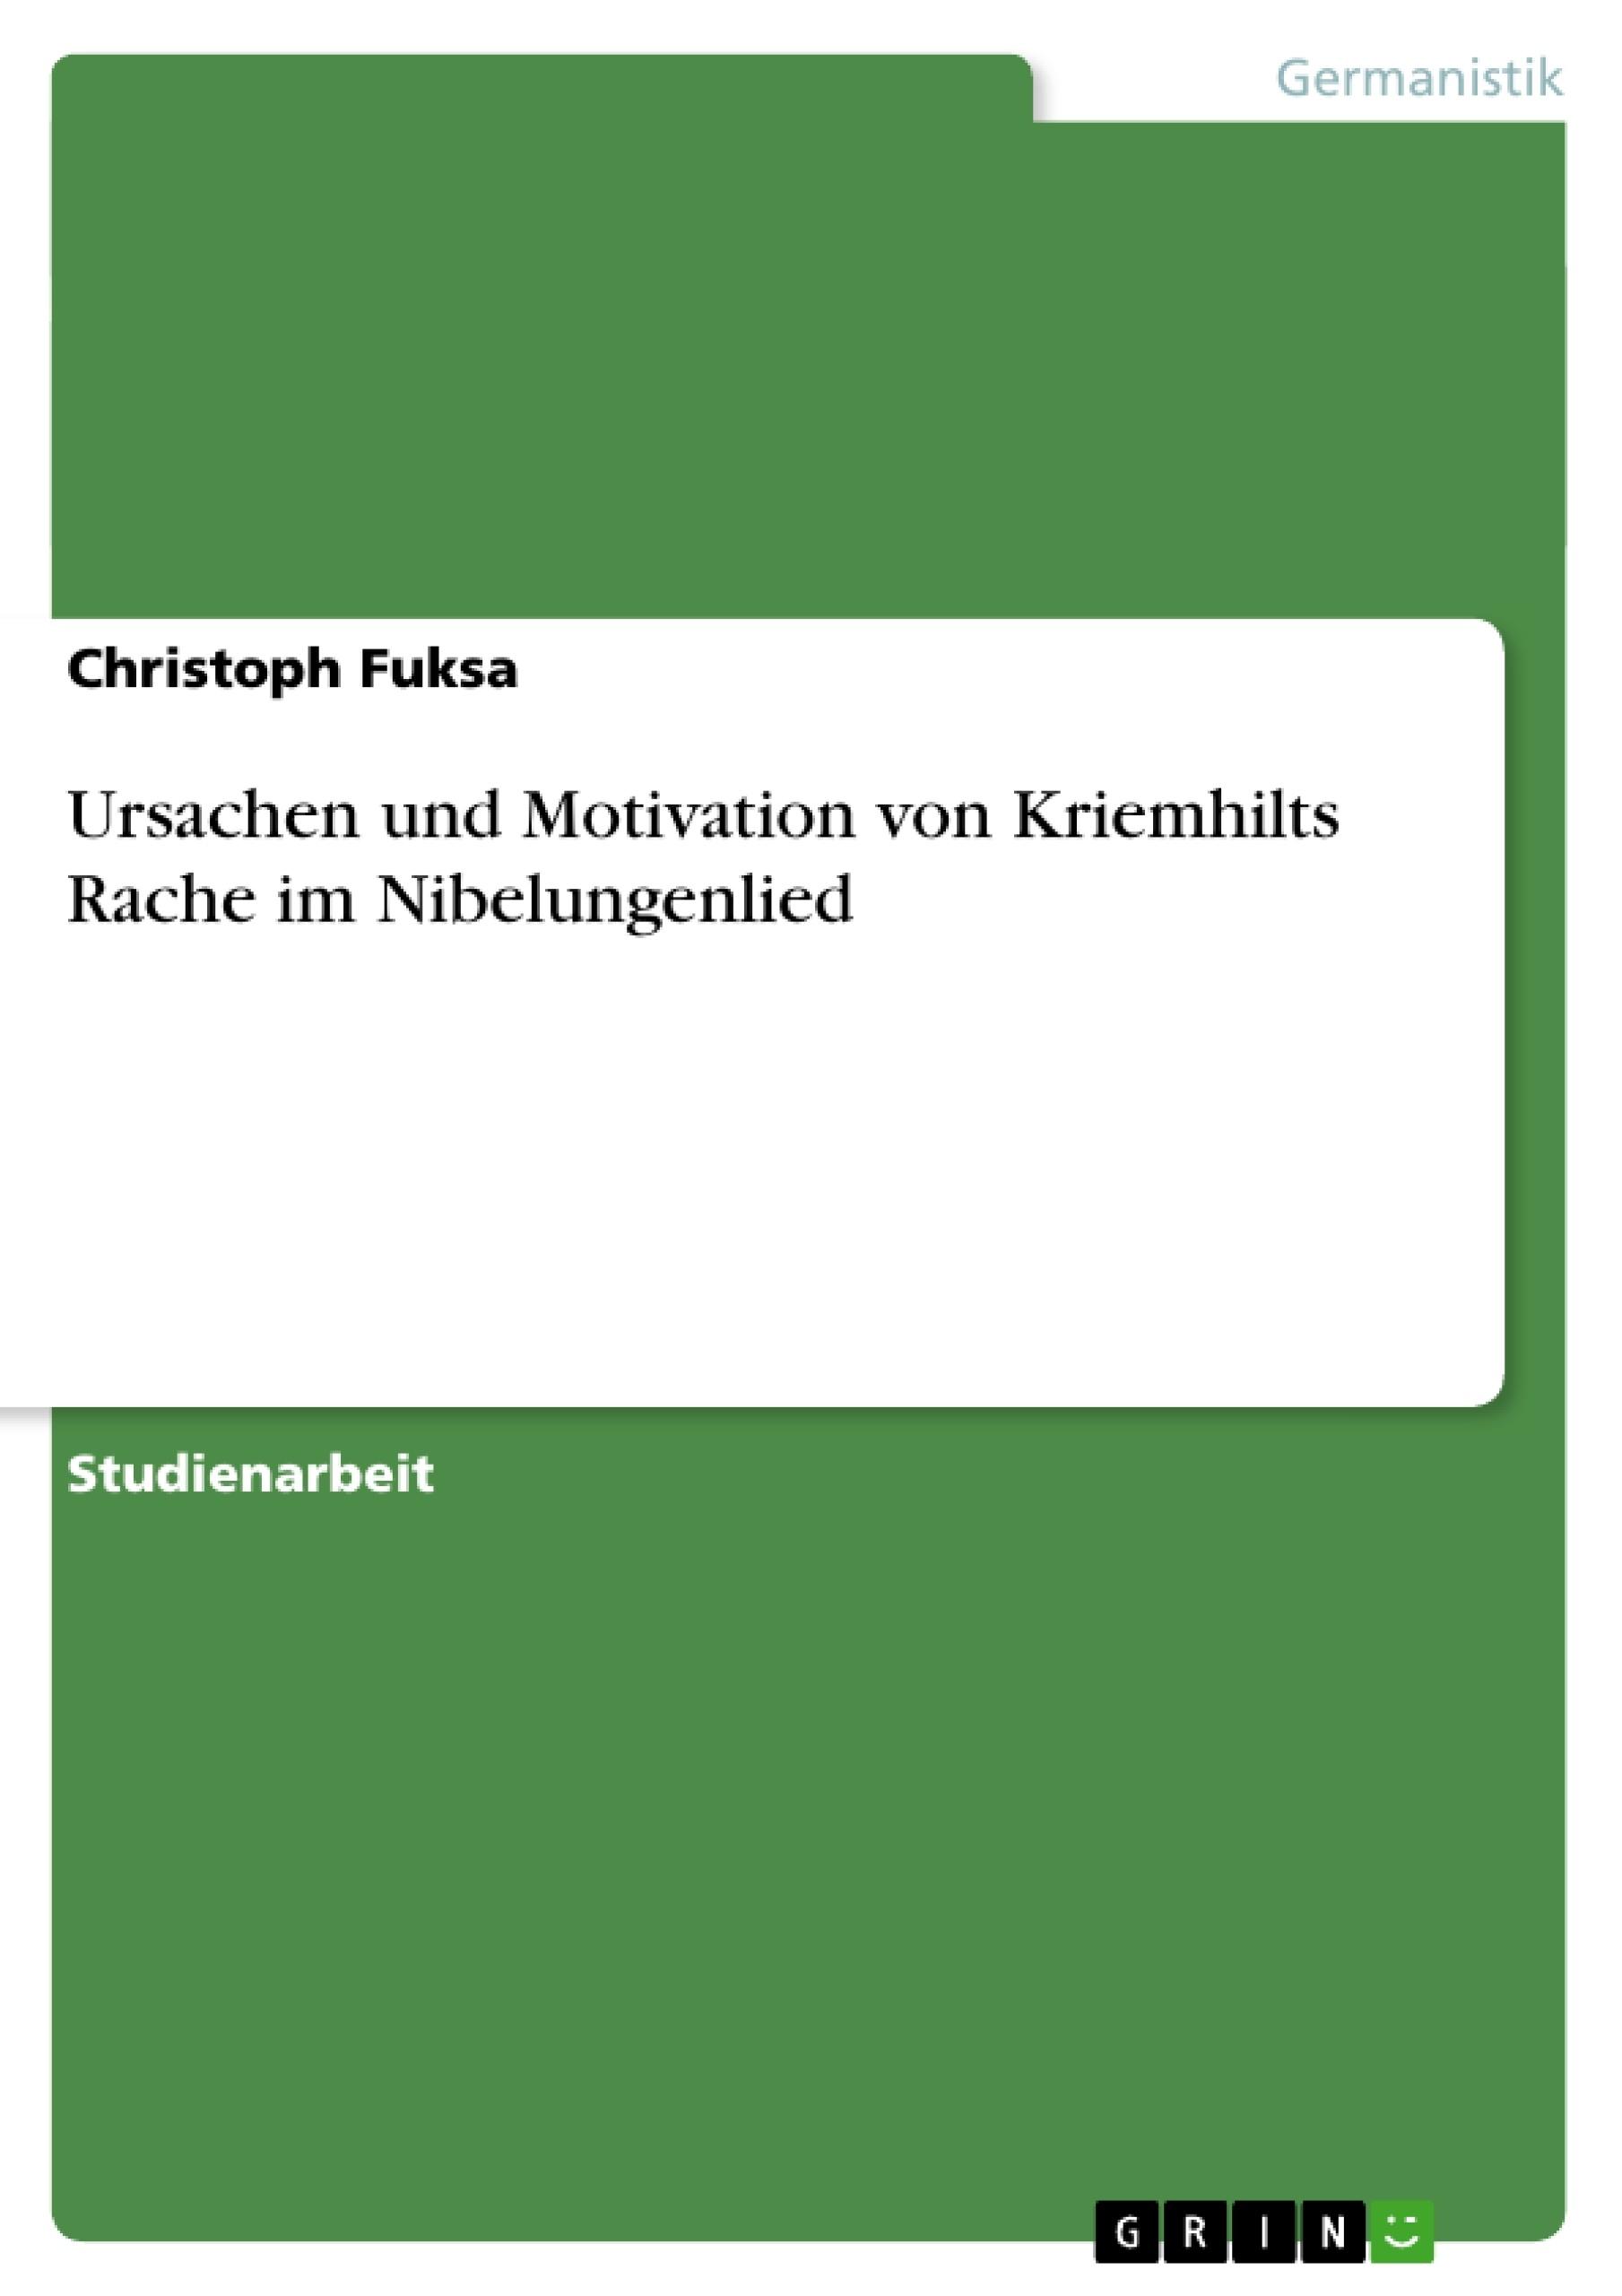 Titel: Ursachen und Motivation von Kriemhilts Rache im Nibelungenlied